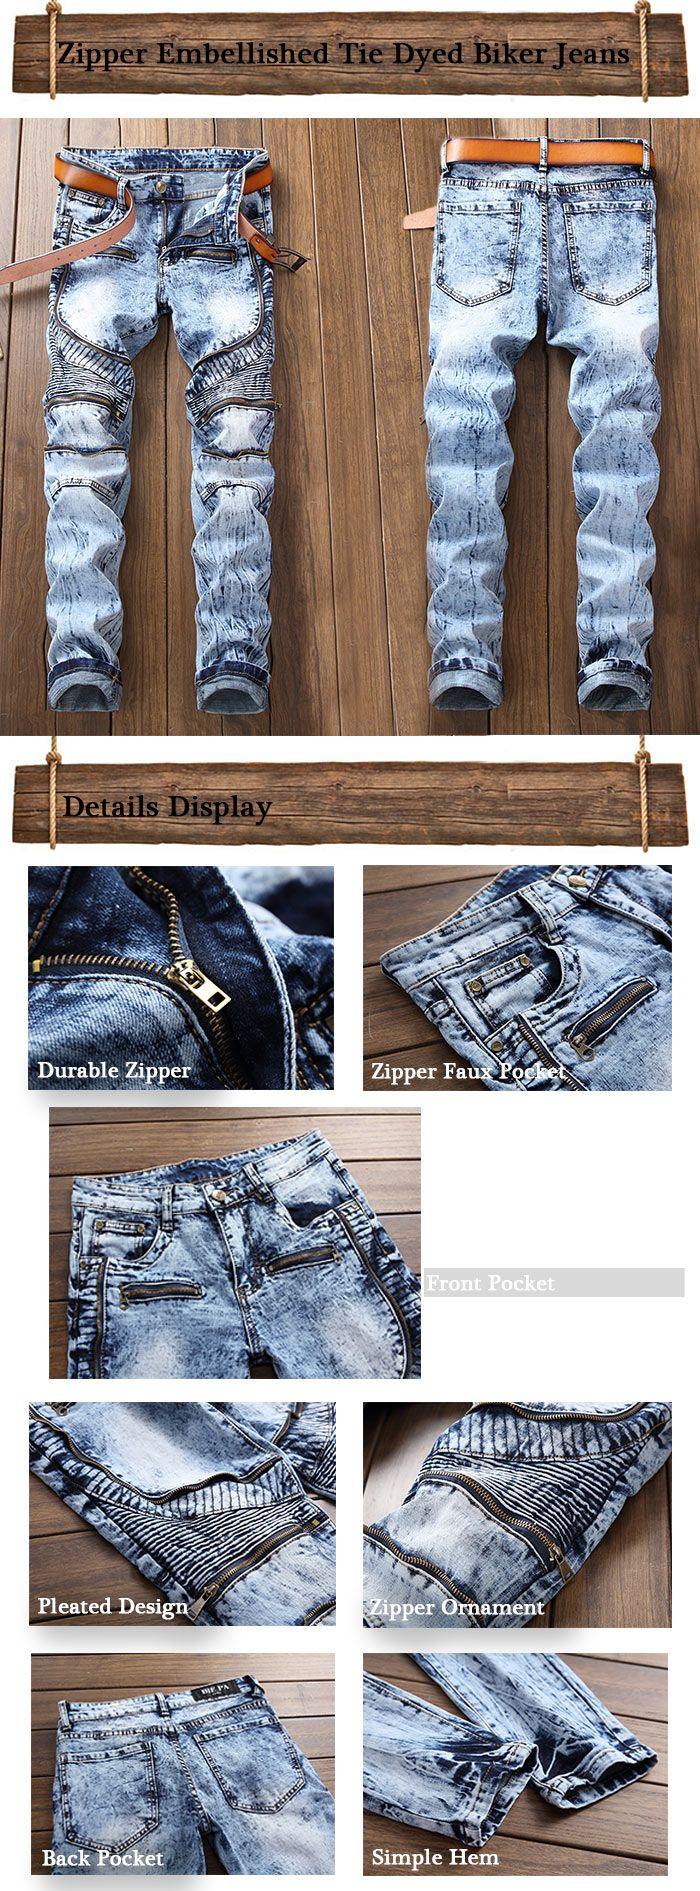 Zipper Embellished Tie Dyed Biker Jeans